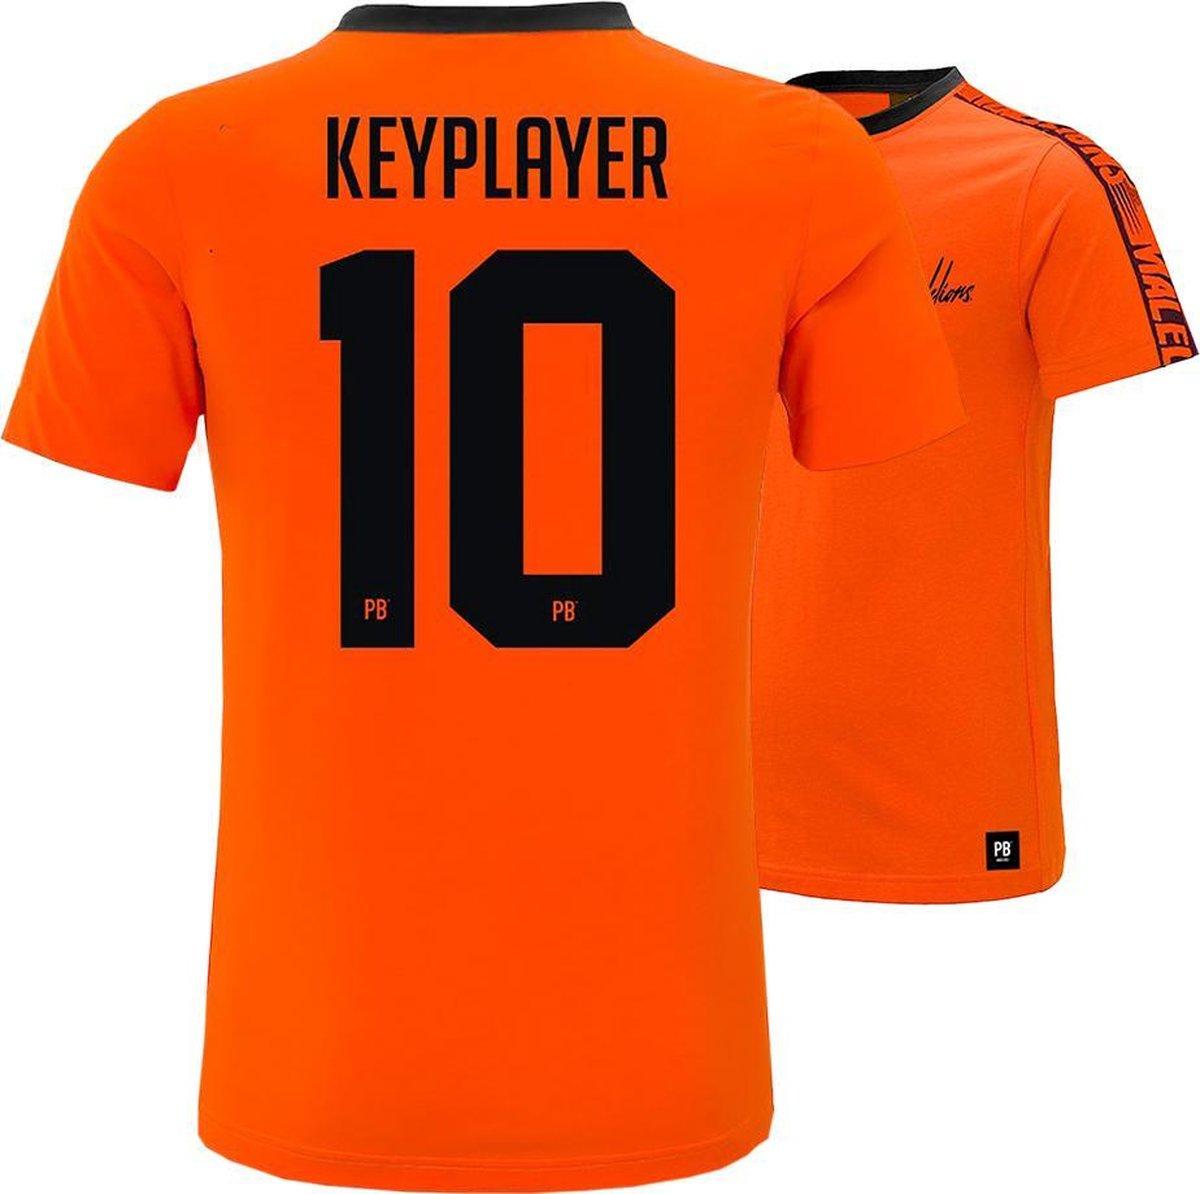 PB x Malelions - 10. Keyplayer   Maat S   Oranje T-shirt   EK voetbal 2021   Heren en dames